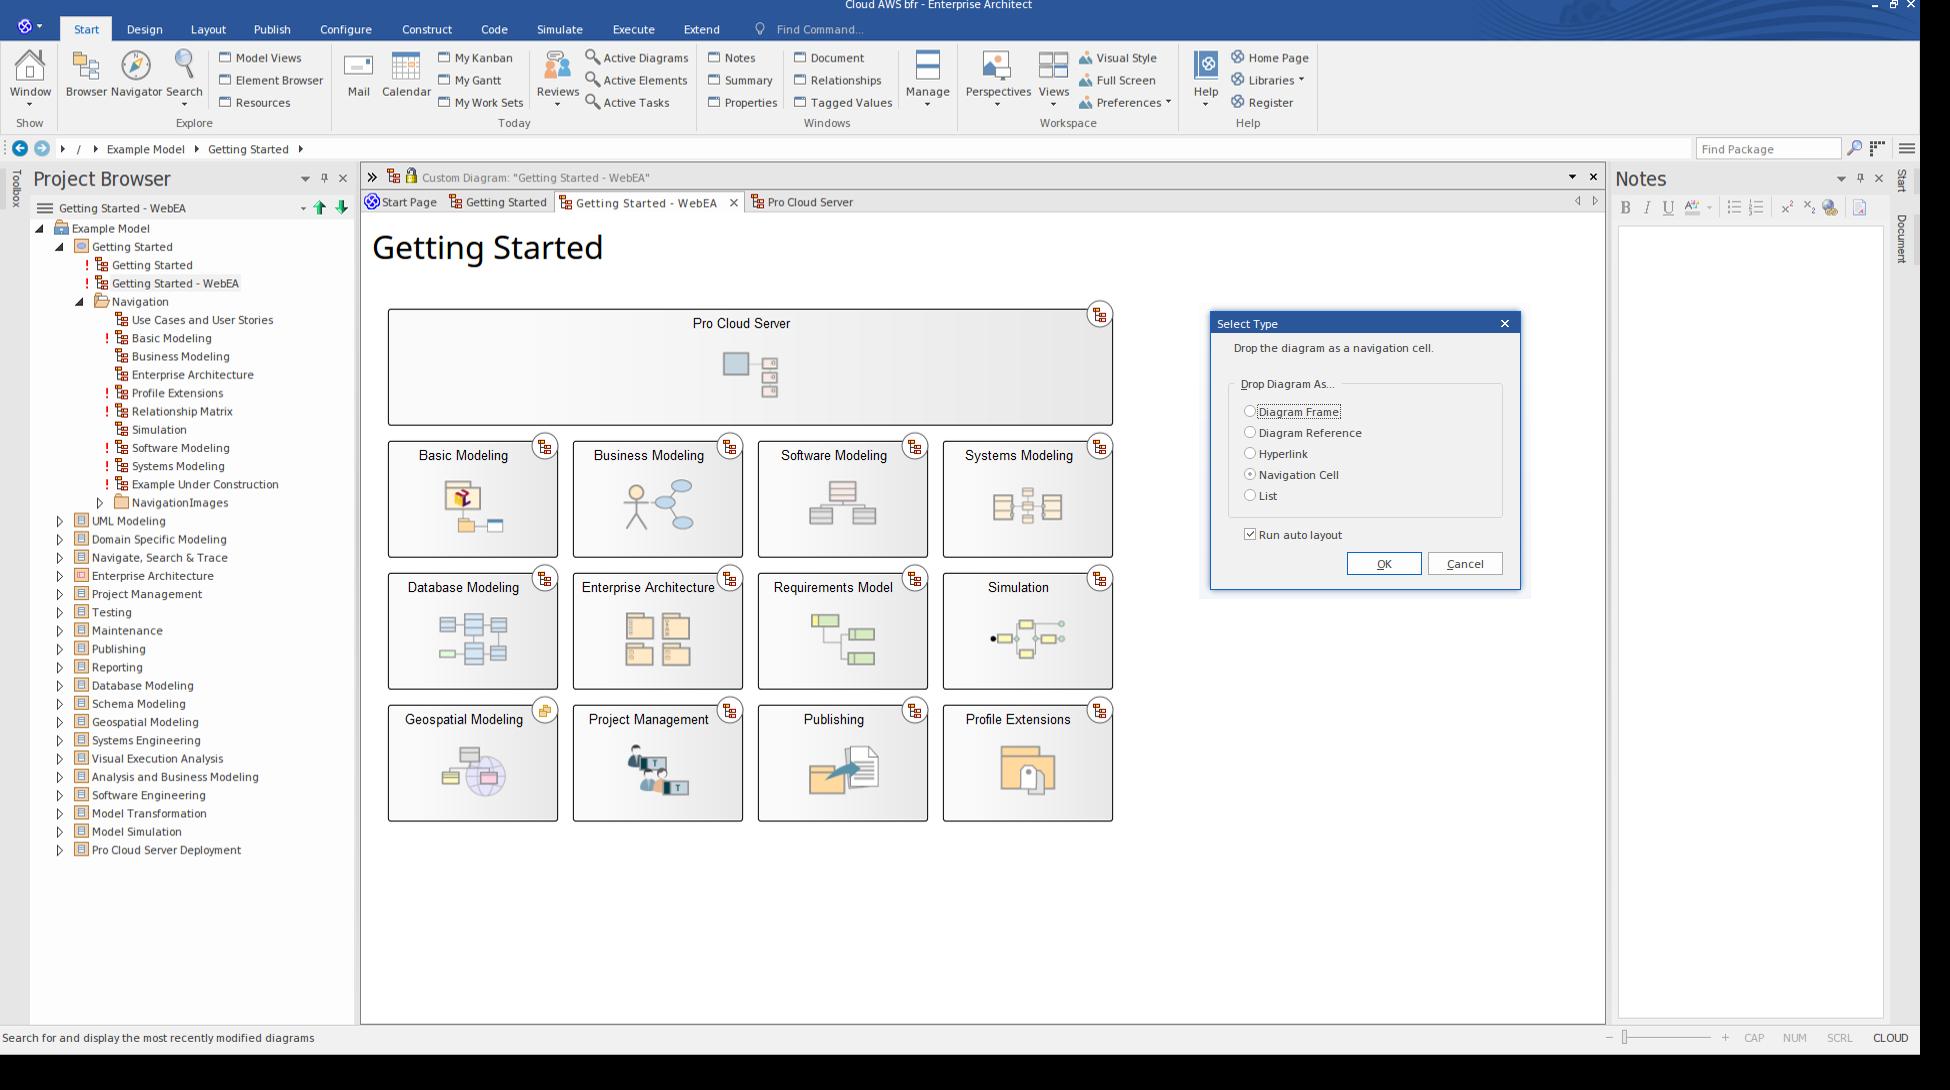 Enterprise architect version 13 sparx systems for Entreprise architecte download